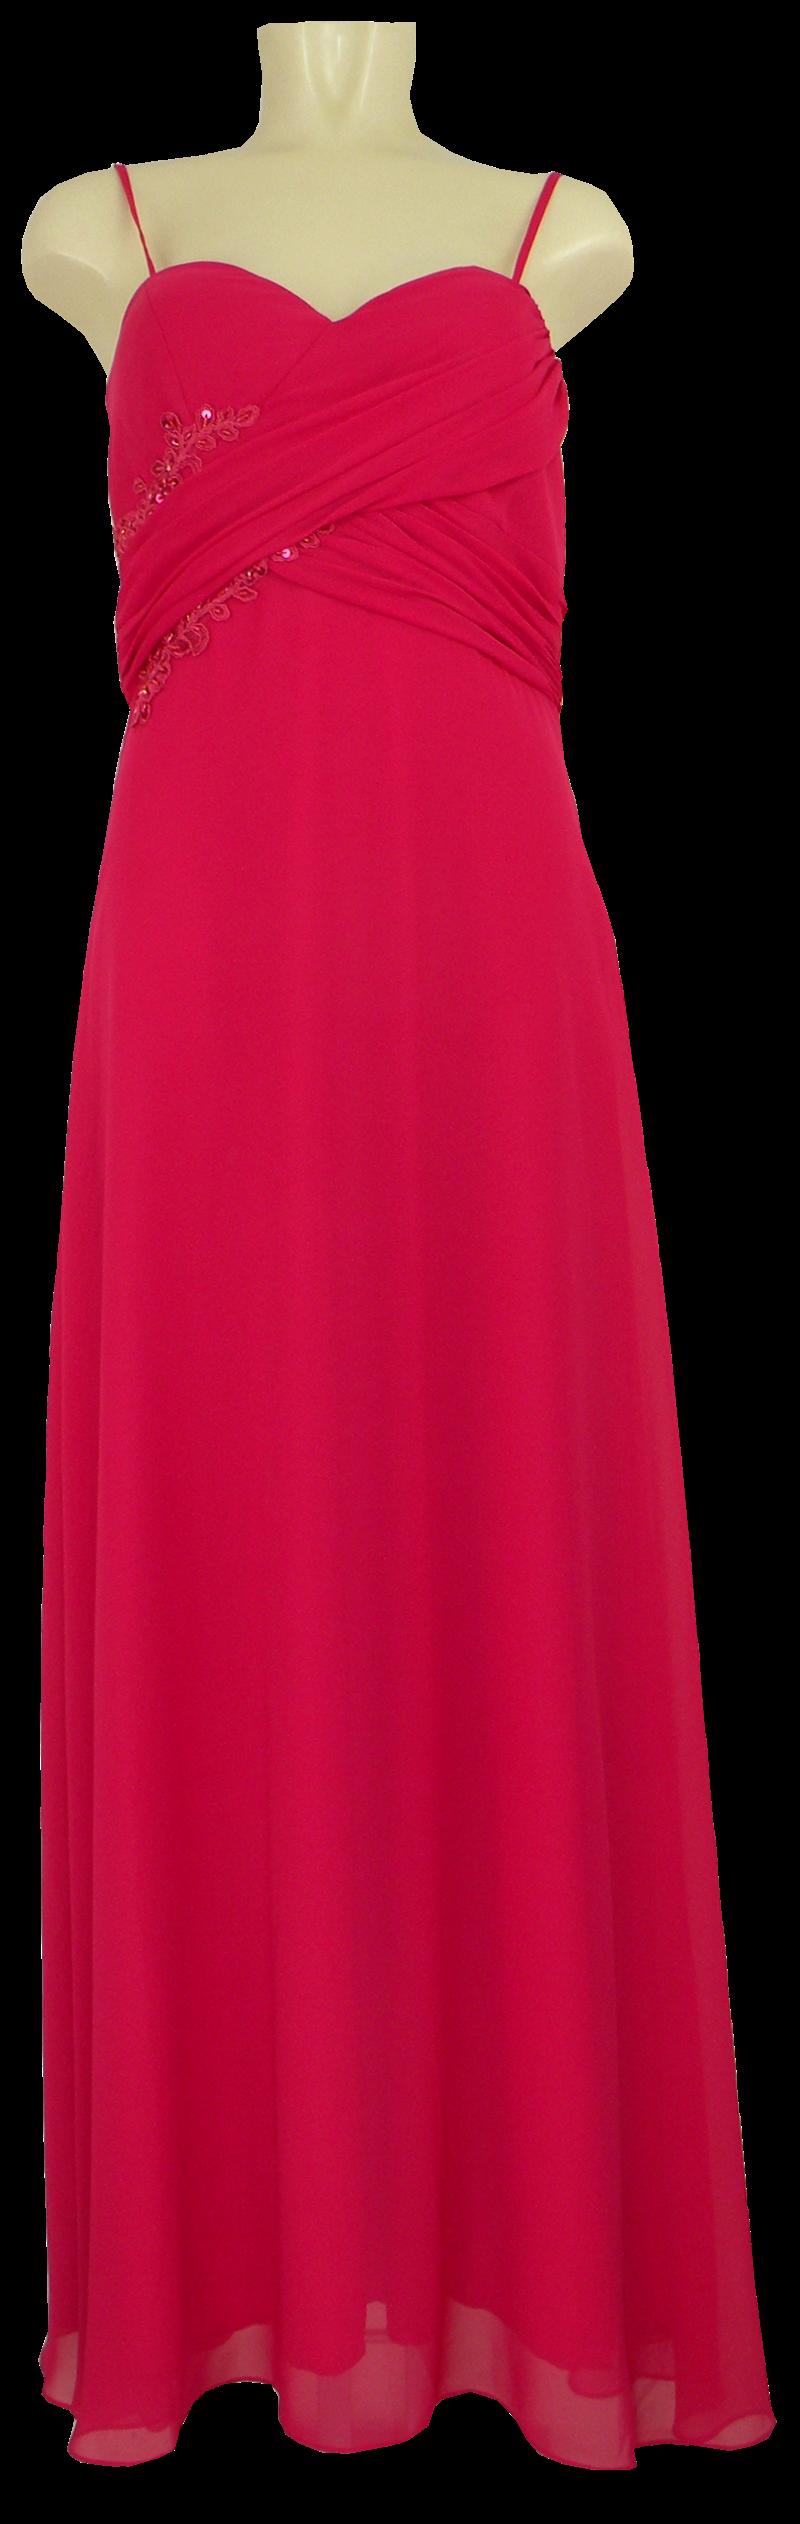 Langes Abendkleid Der Marke D M Fashion In Magenta Rot Mode Dasenbrock